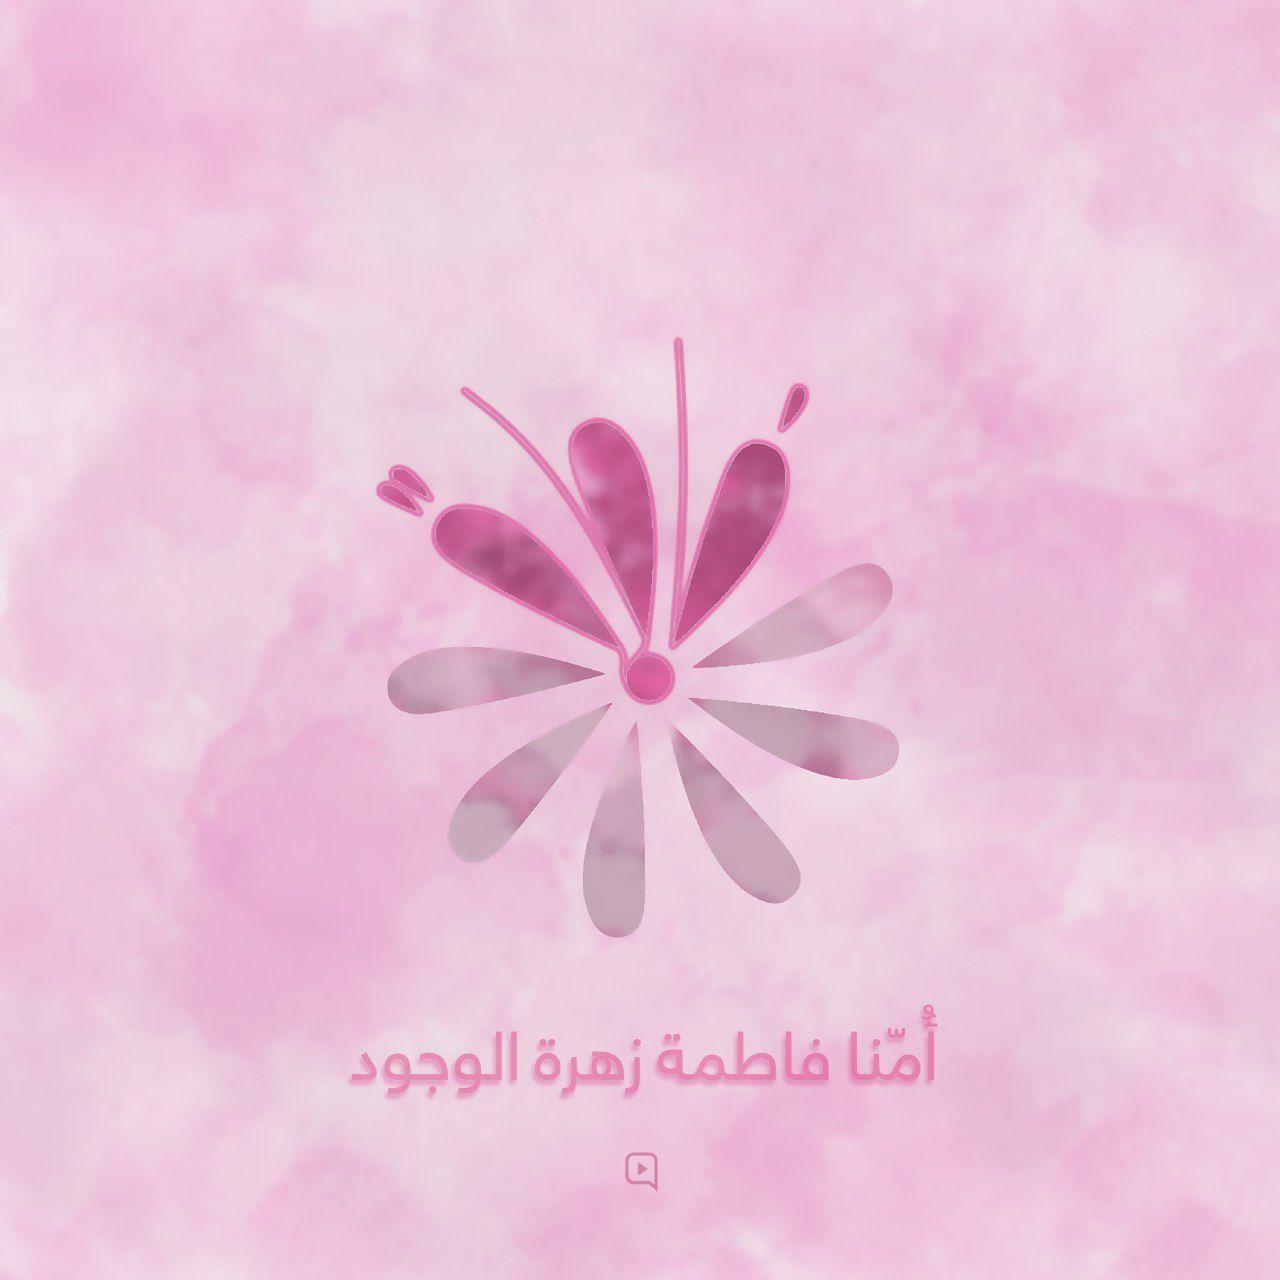 ولادة السيدة الزهراء أمنا فاطمة زهرة الوجود Girly Art Islamic Art Art